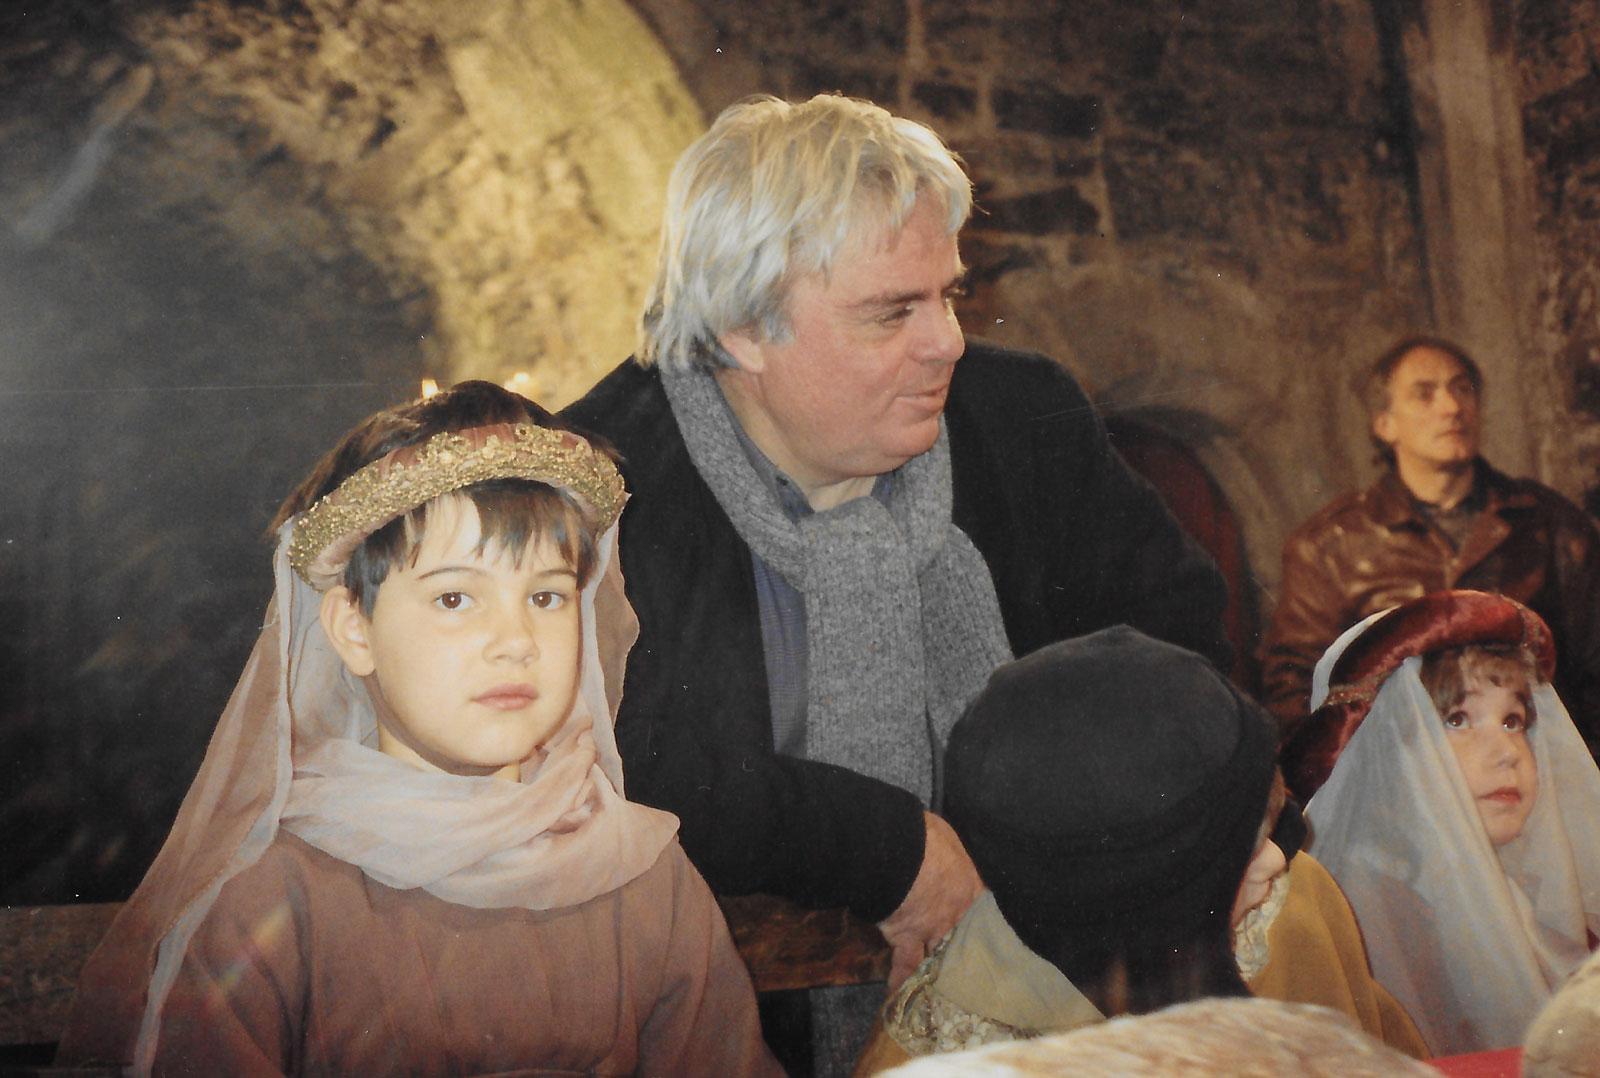 Hervé Baslé sur le tournage de Les Prouesses © Catherine Delalande